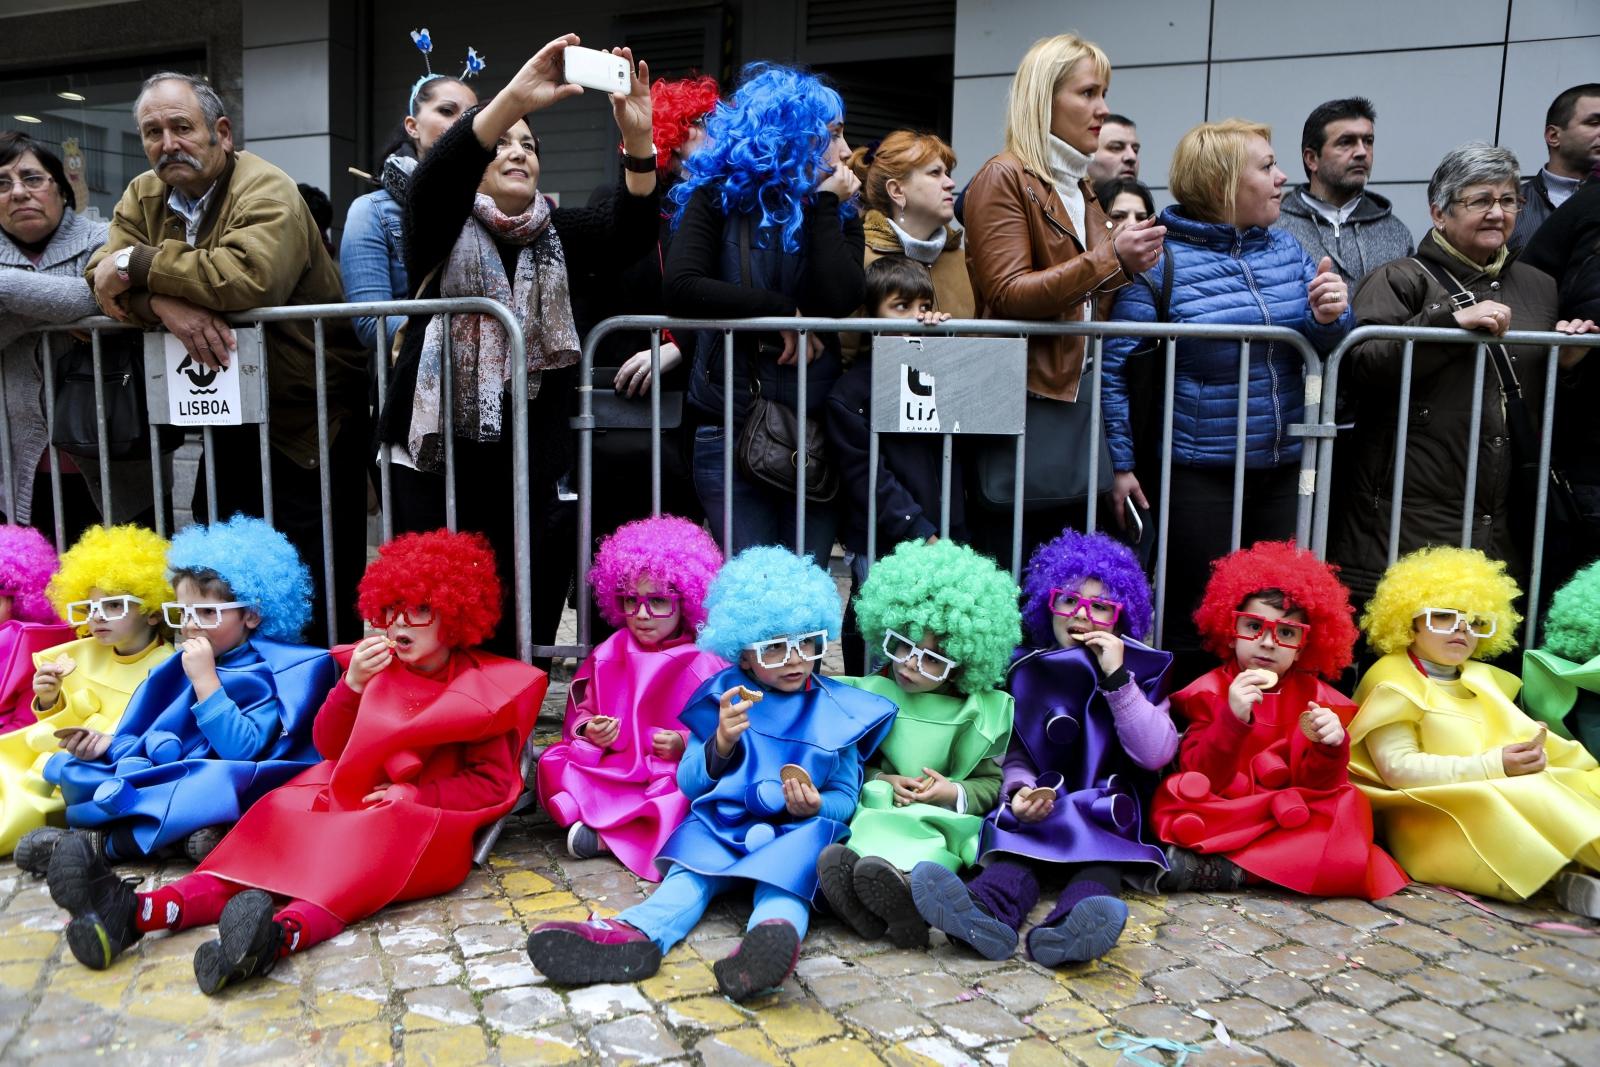 Odpoczywające dzieci podczas karnawałowej parady w Torres Vedras, Portugalia.